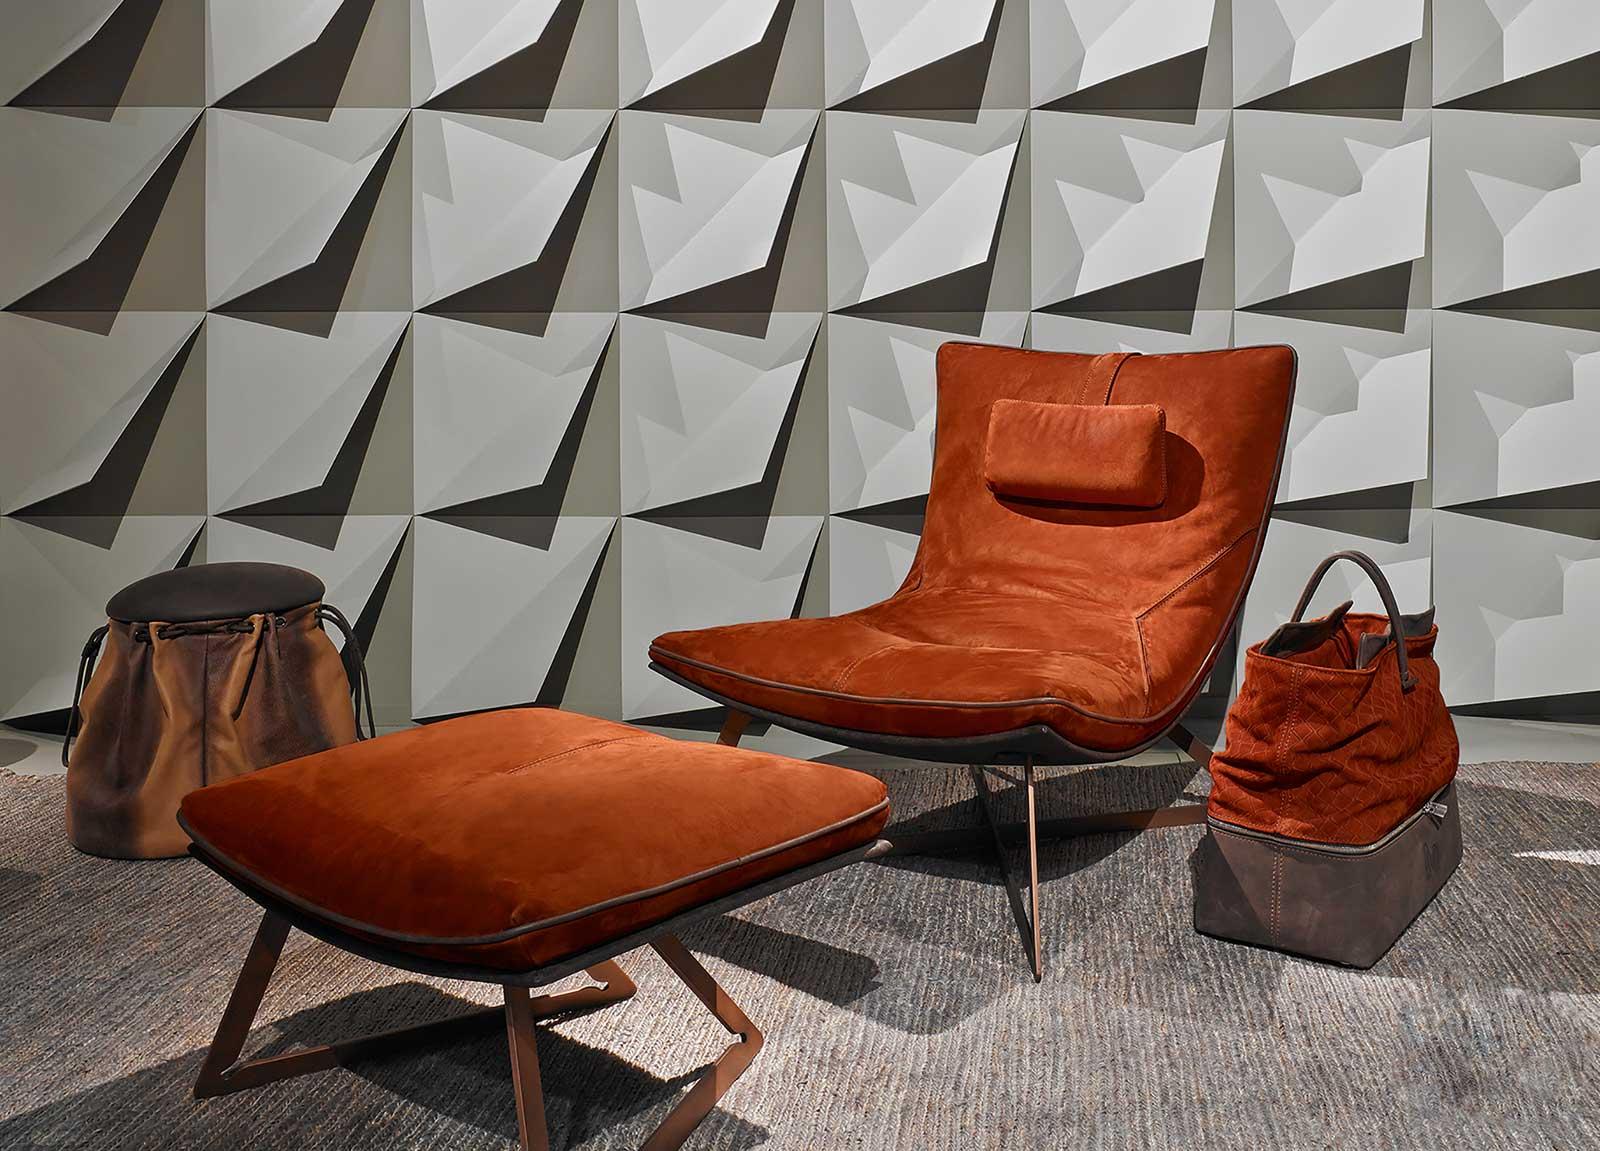 Chaise longue en cuir. Vente en ligne de chaises longues et meubles haut de gamme made in italy. Livraison gratuite d'ameublement design de luxe.